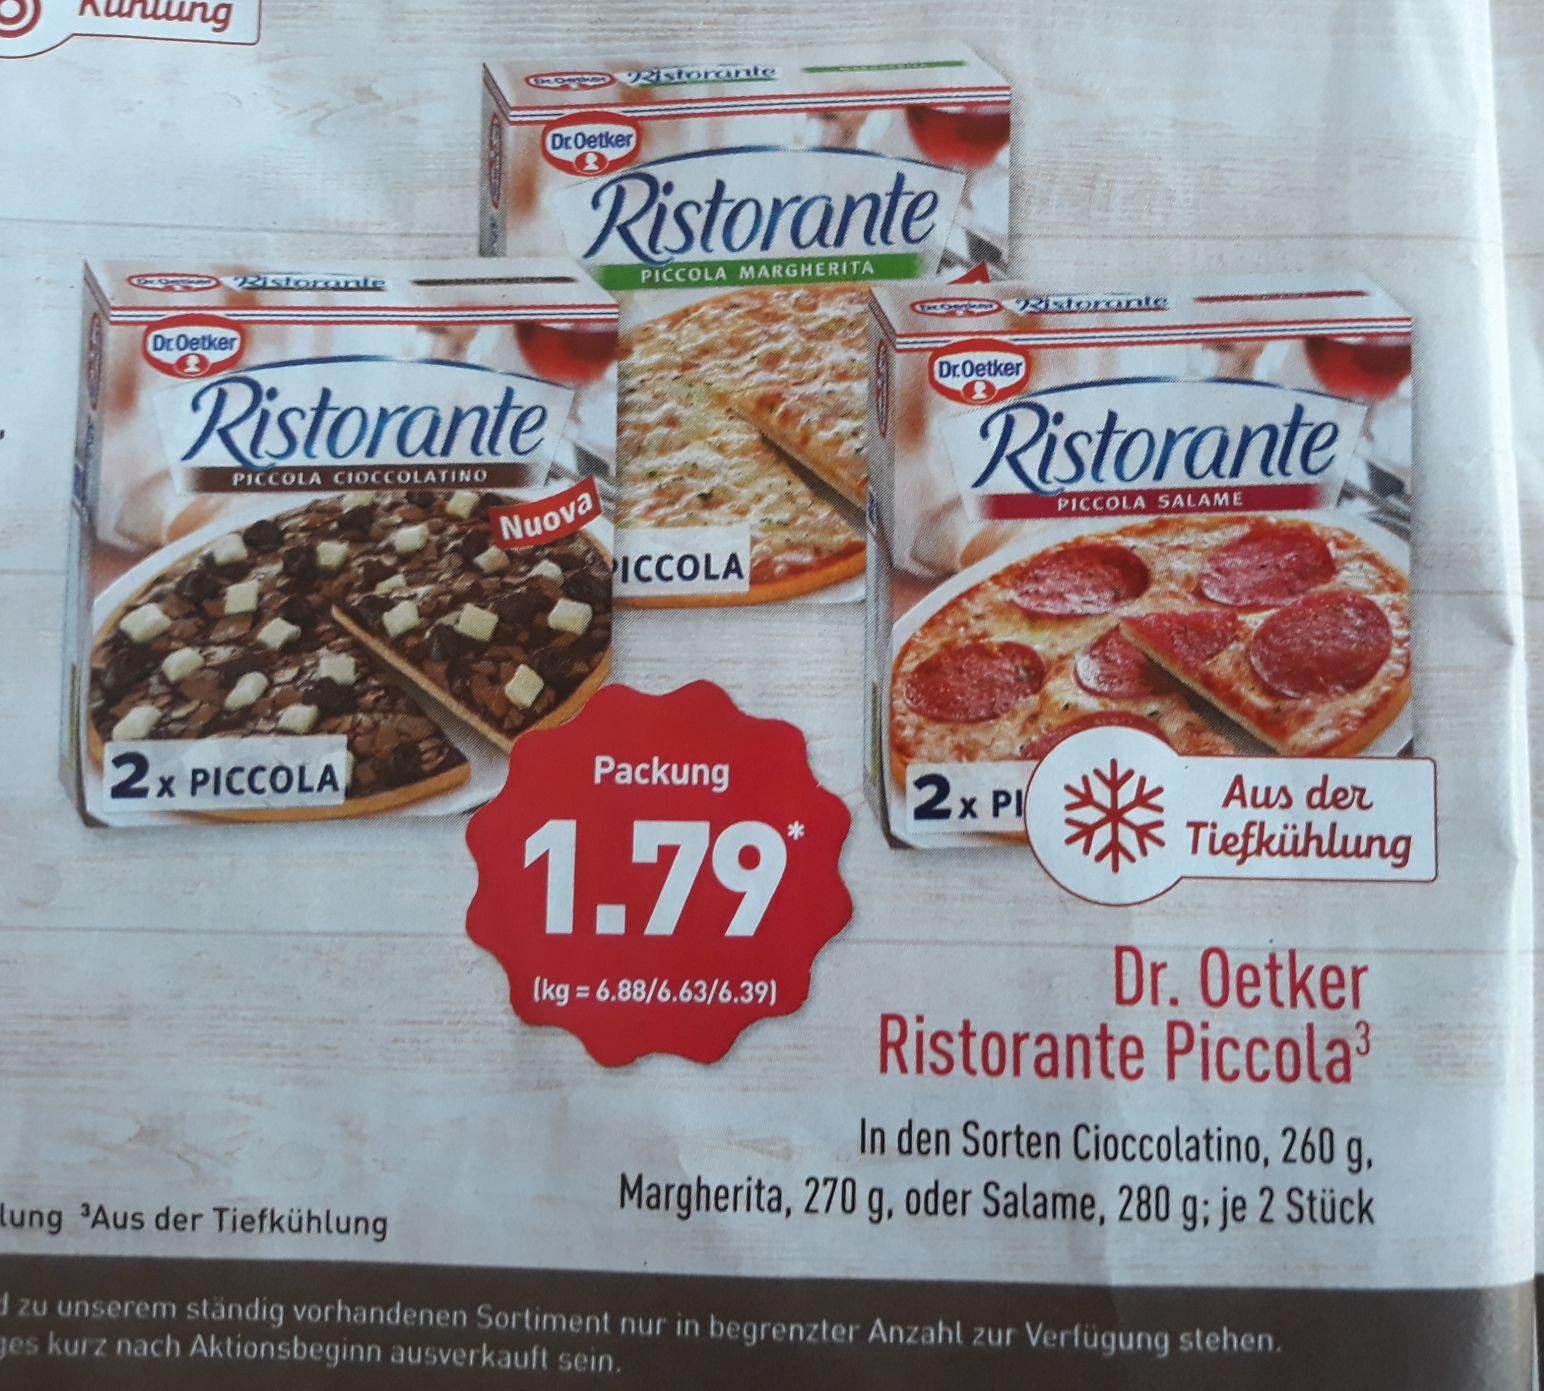 [Aldi Bundesweit] Ab 30.07:  Dr. Oetker Ristorante Piccola verschiedene Sorten 1.79€